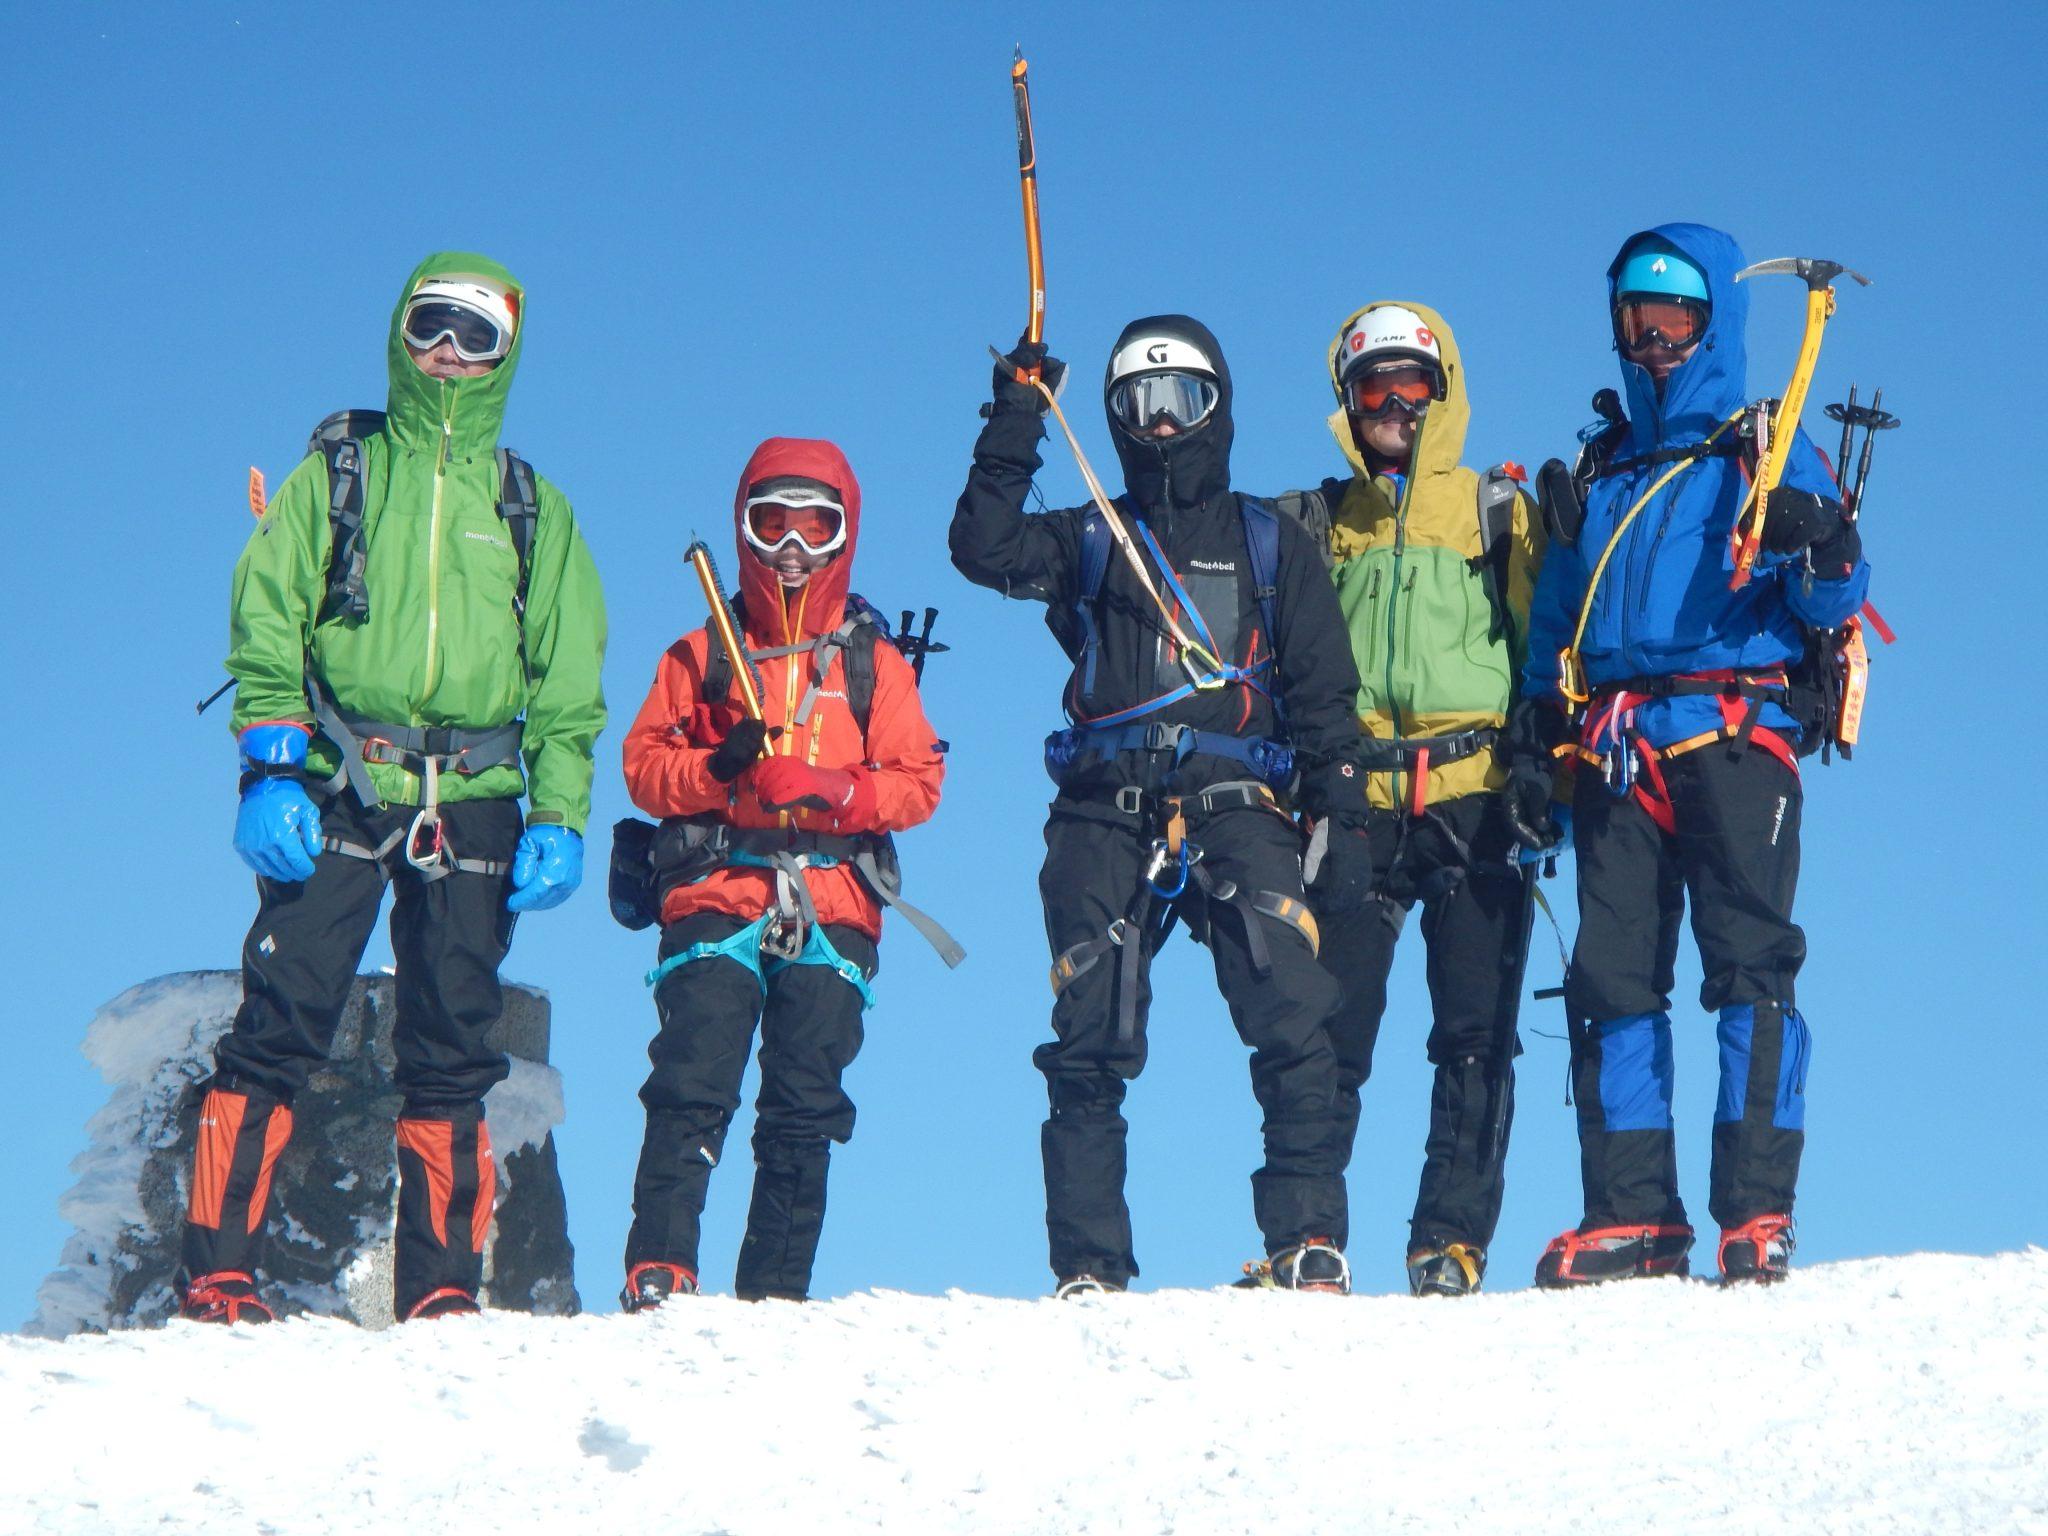 宝剣岳とアイゼン+ピッケル講習+滑落停止訓練2日間